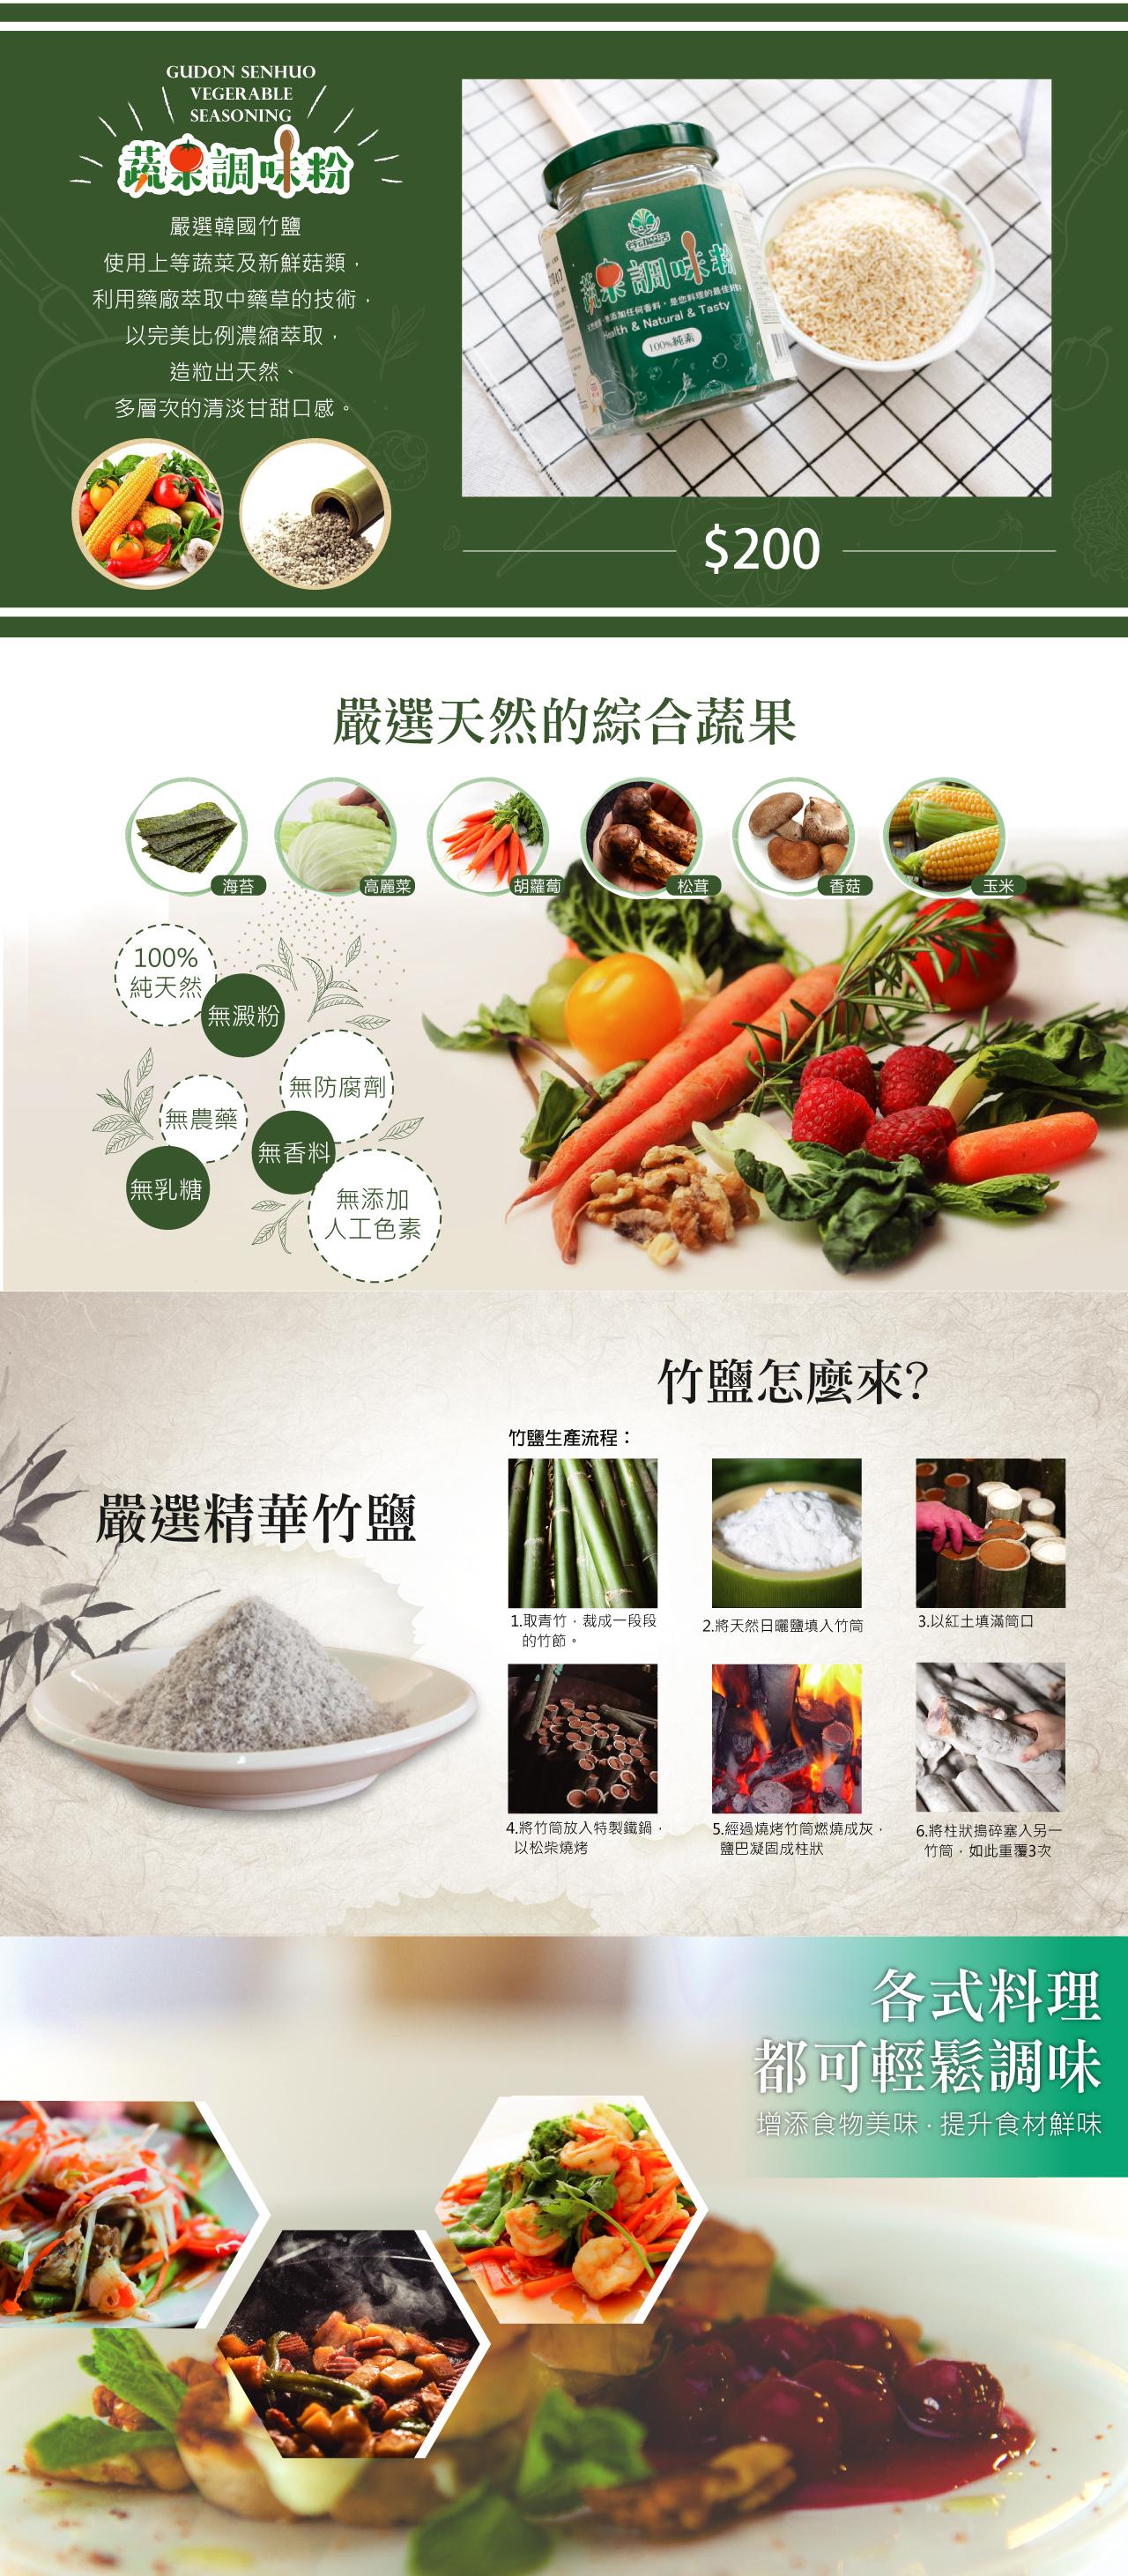 谷動森活-蔬果調味粉